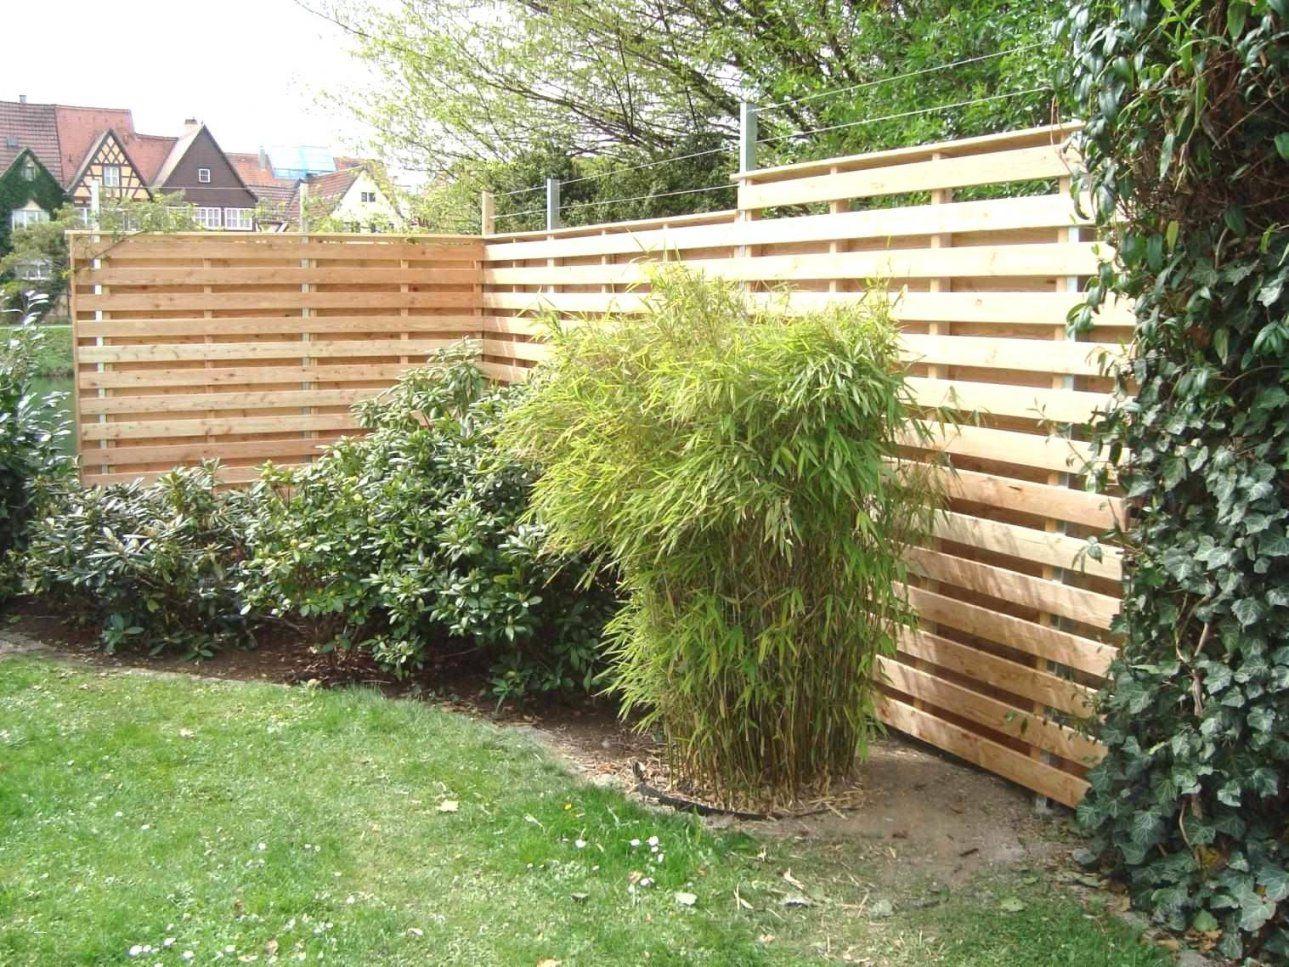 Selbermachen Garten Schön Tolle 40 Sichtschutz Selber Machen Konzept von Sichtschutz Weide Selber Bauen Photo